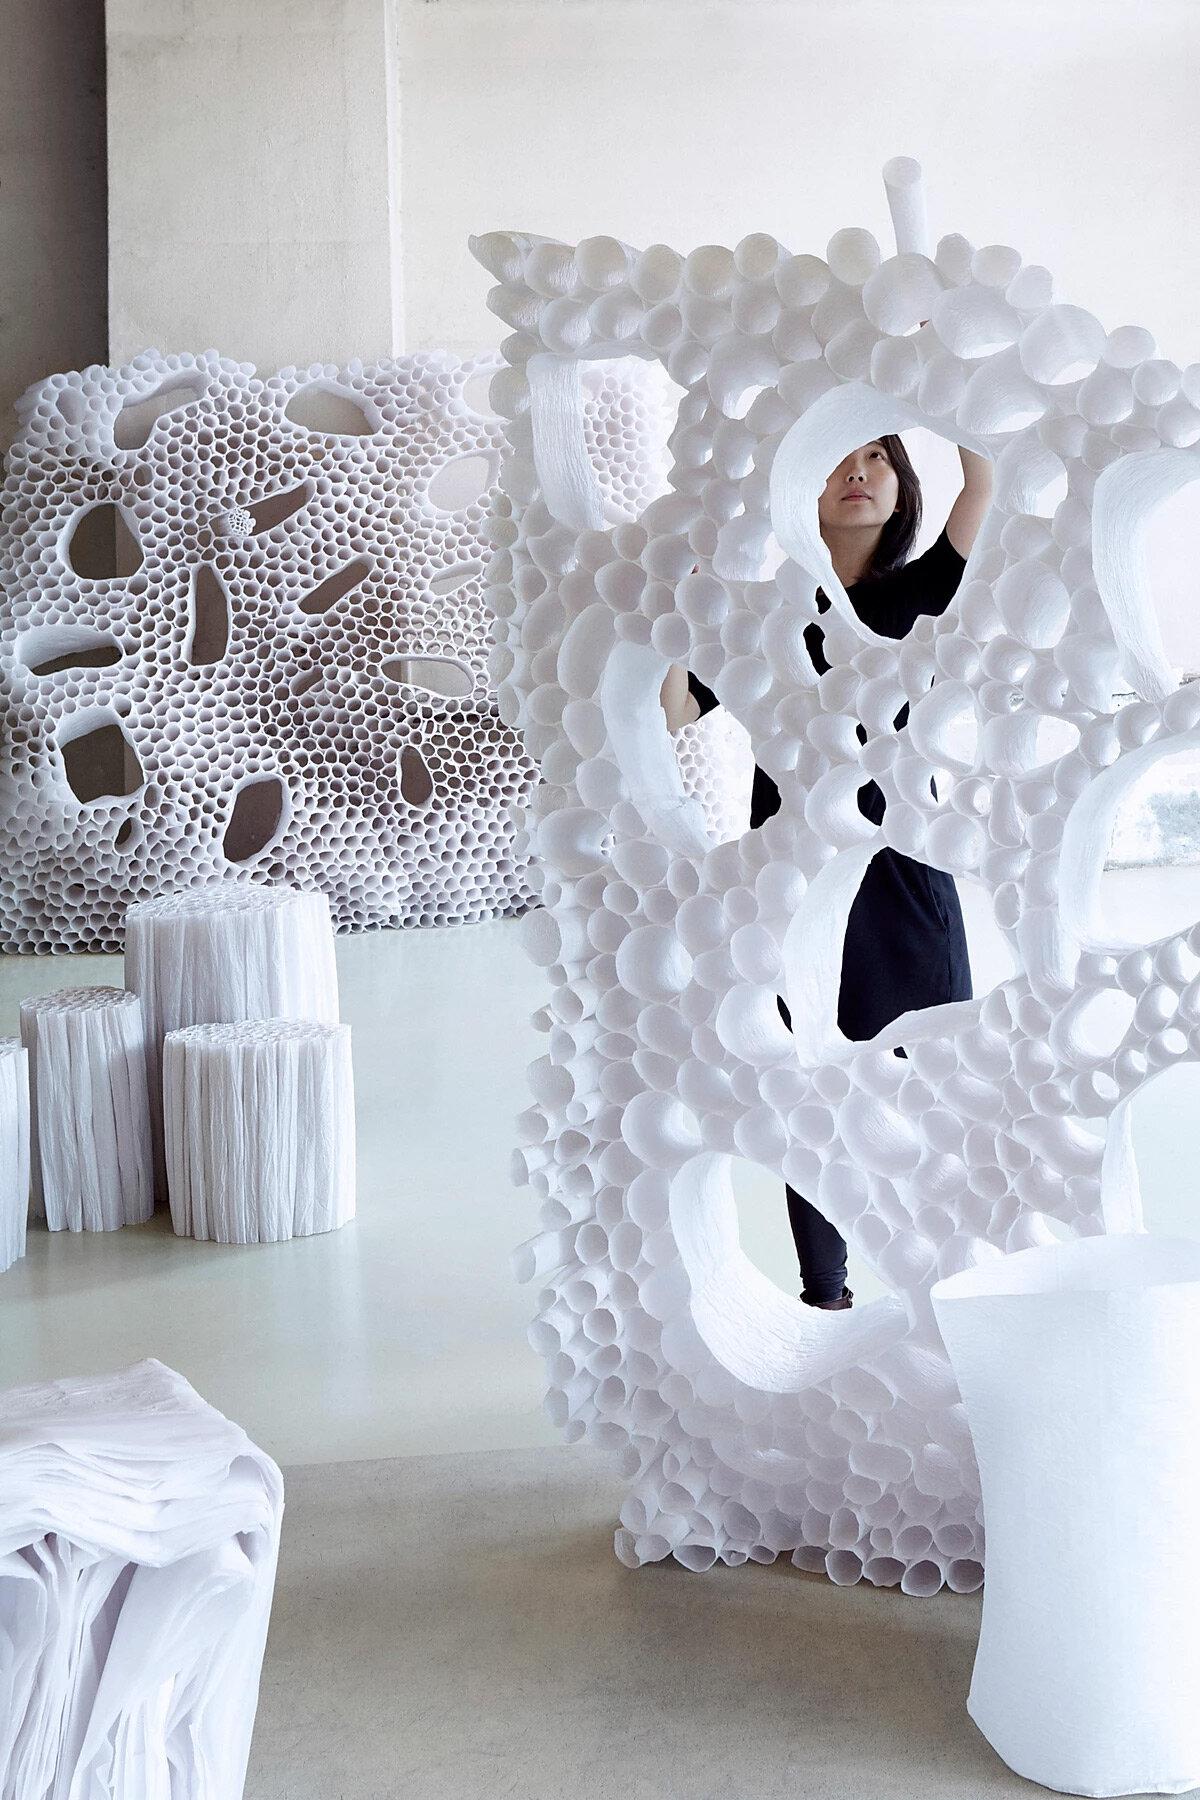 La designer Pao Hui Kao che crea mobili con carta da lucido, acqua e colla di riso